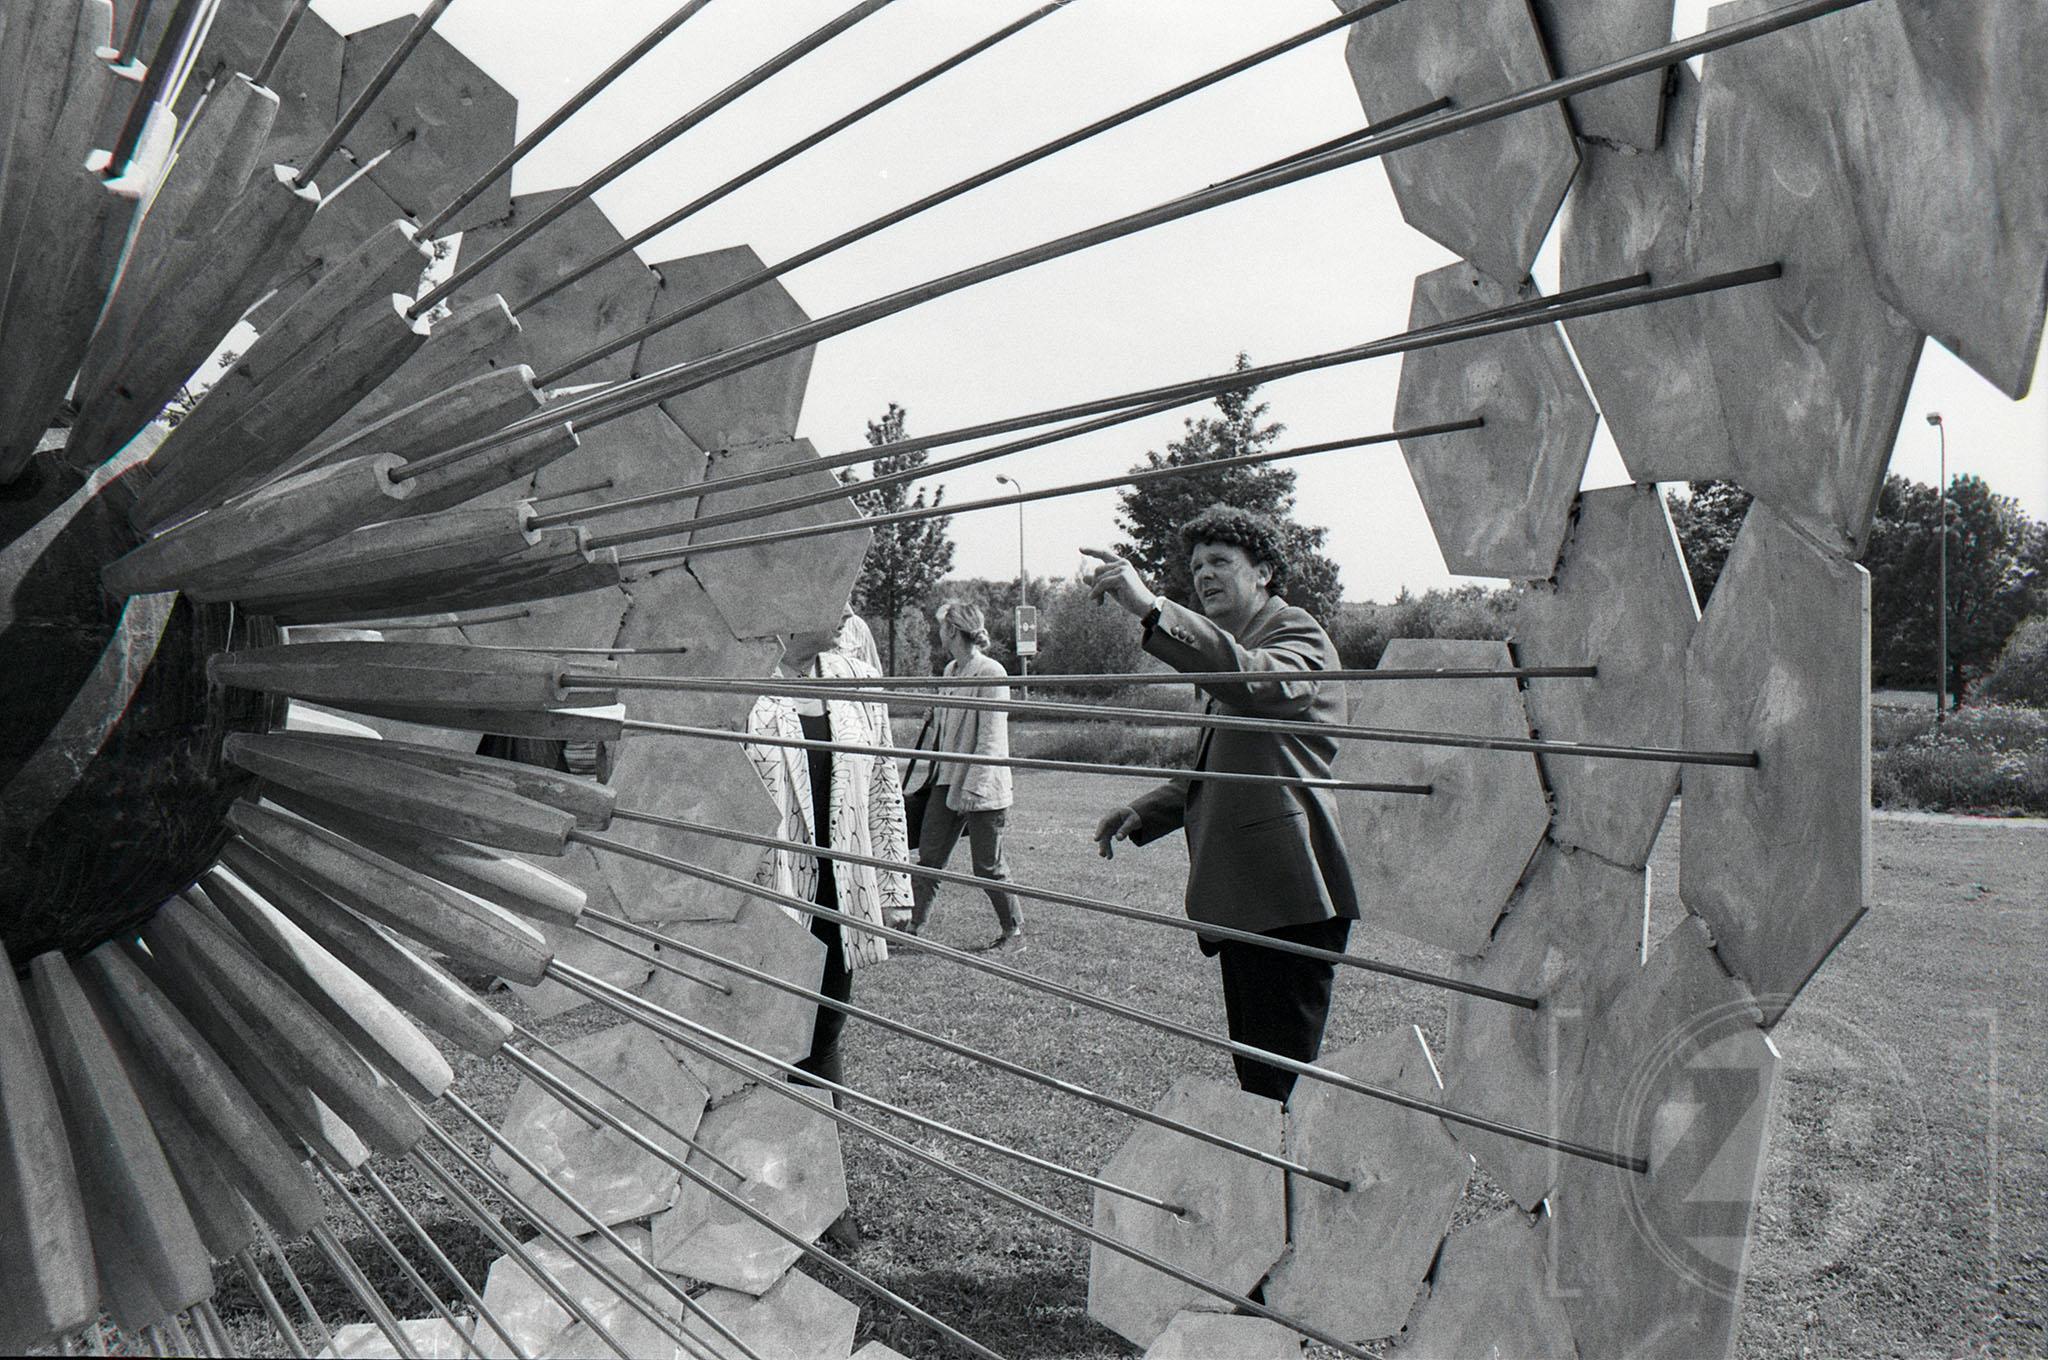 Onthulling van het kunstwerk Parelbloem aan de Harenbergweg in Zutphen door kunstenaar Hans Rikken.